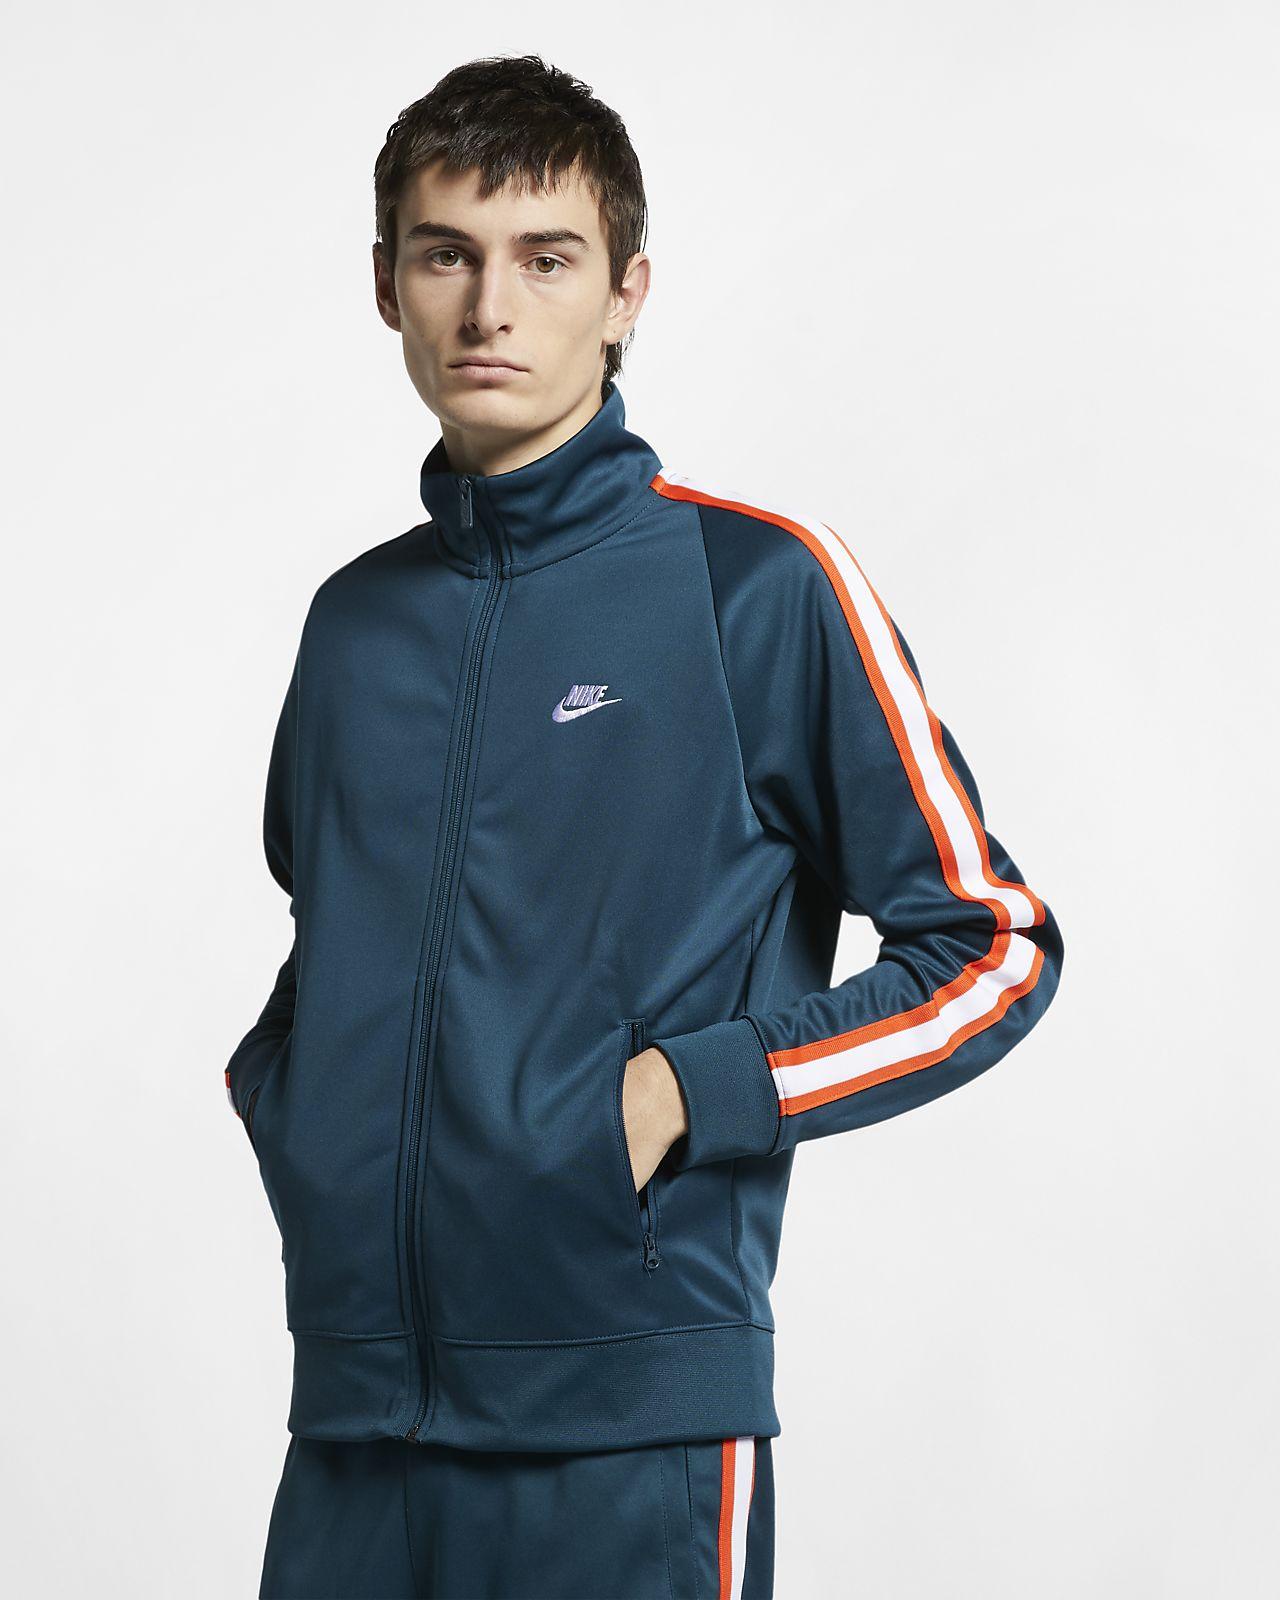 Nike Sportswear N98 Strick-Trainingsjacke für Herren